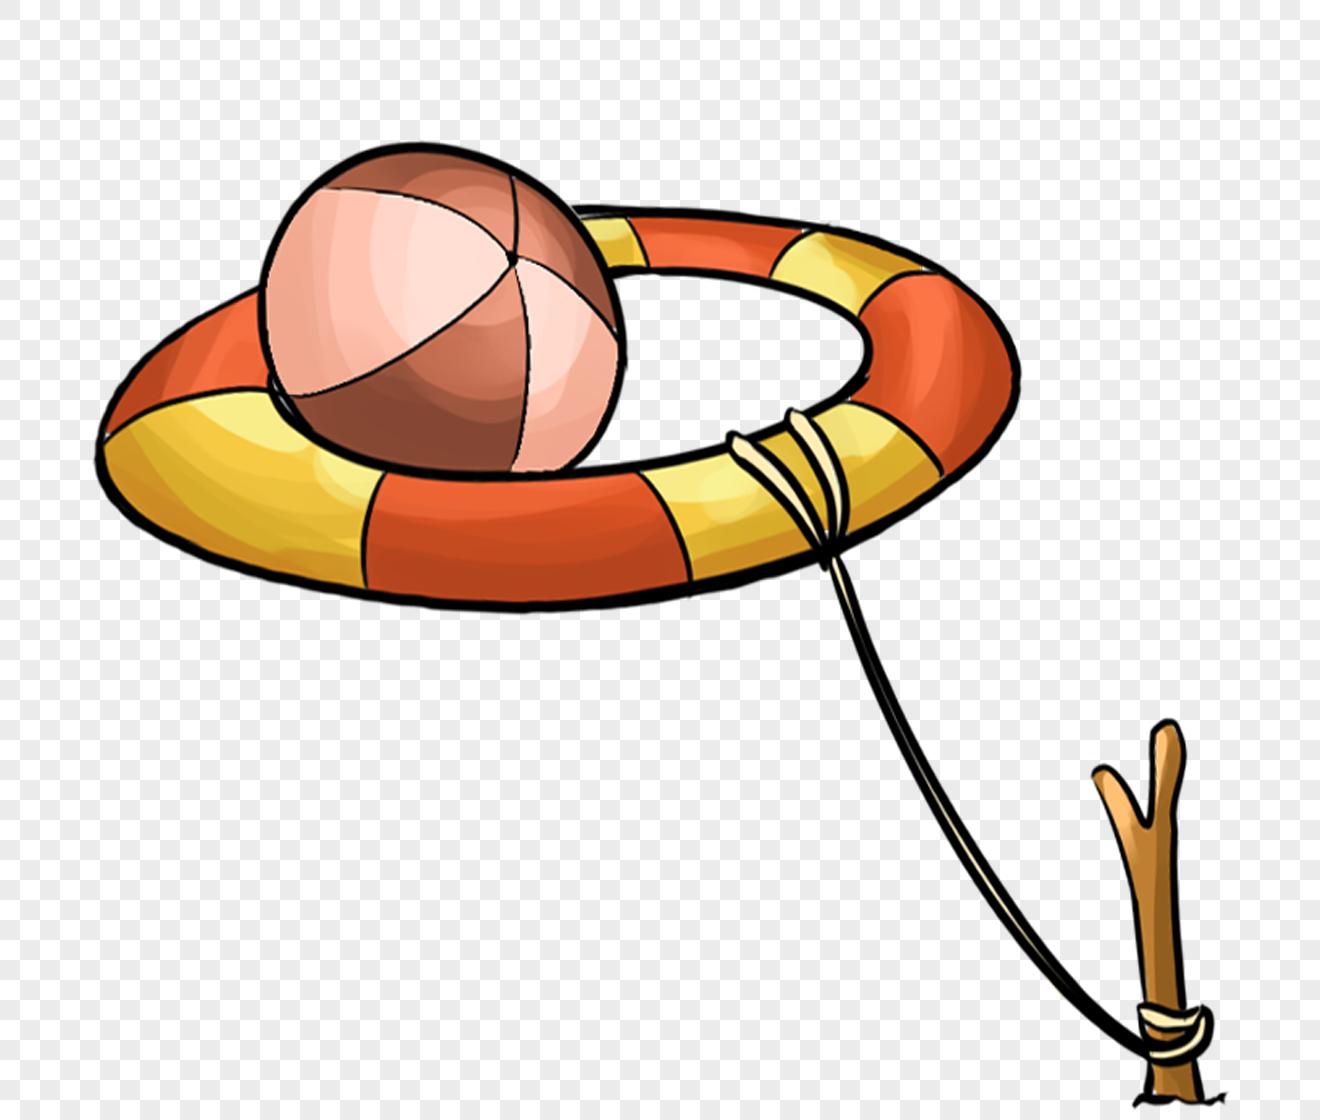 图片 素材 手绘/卡通元素 游泳圈.